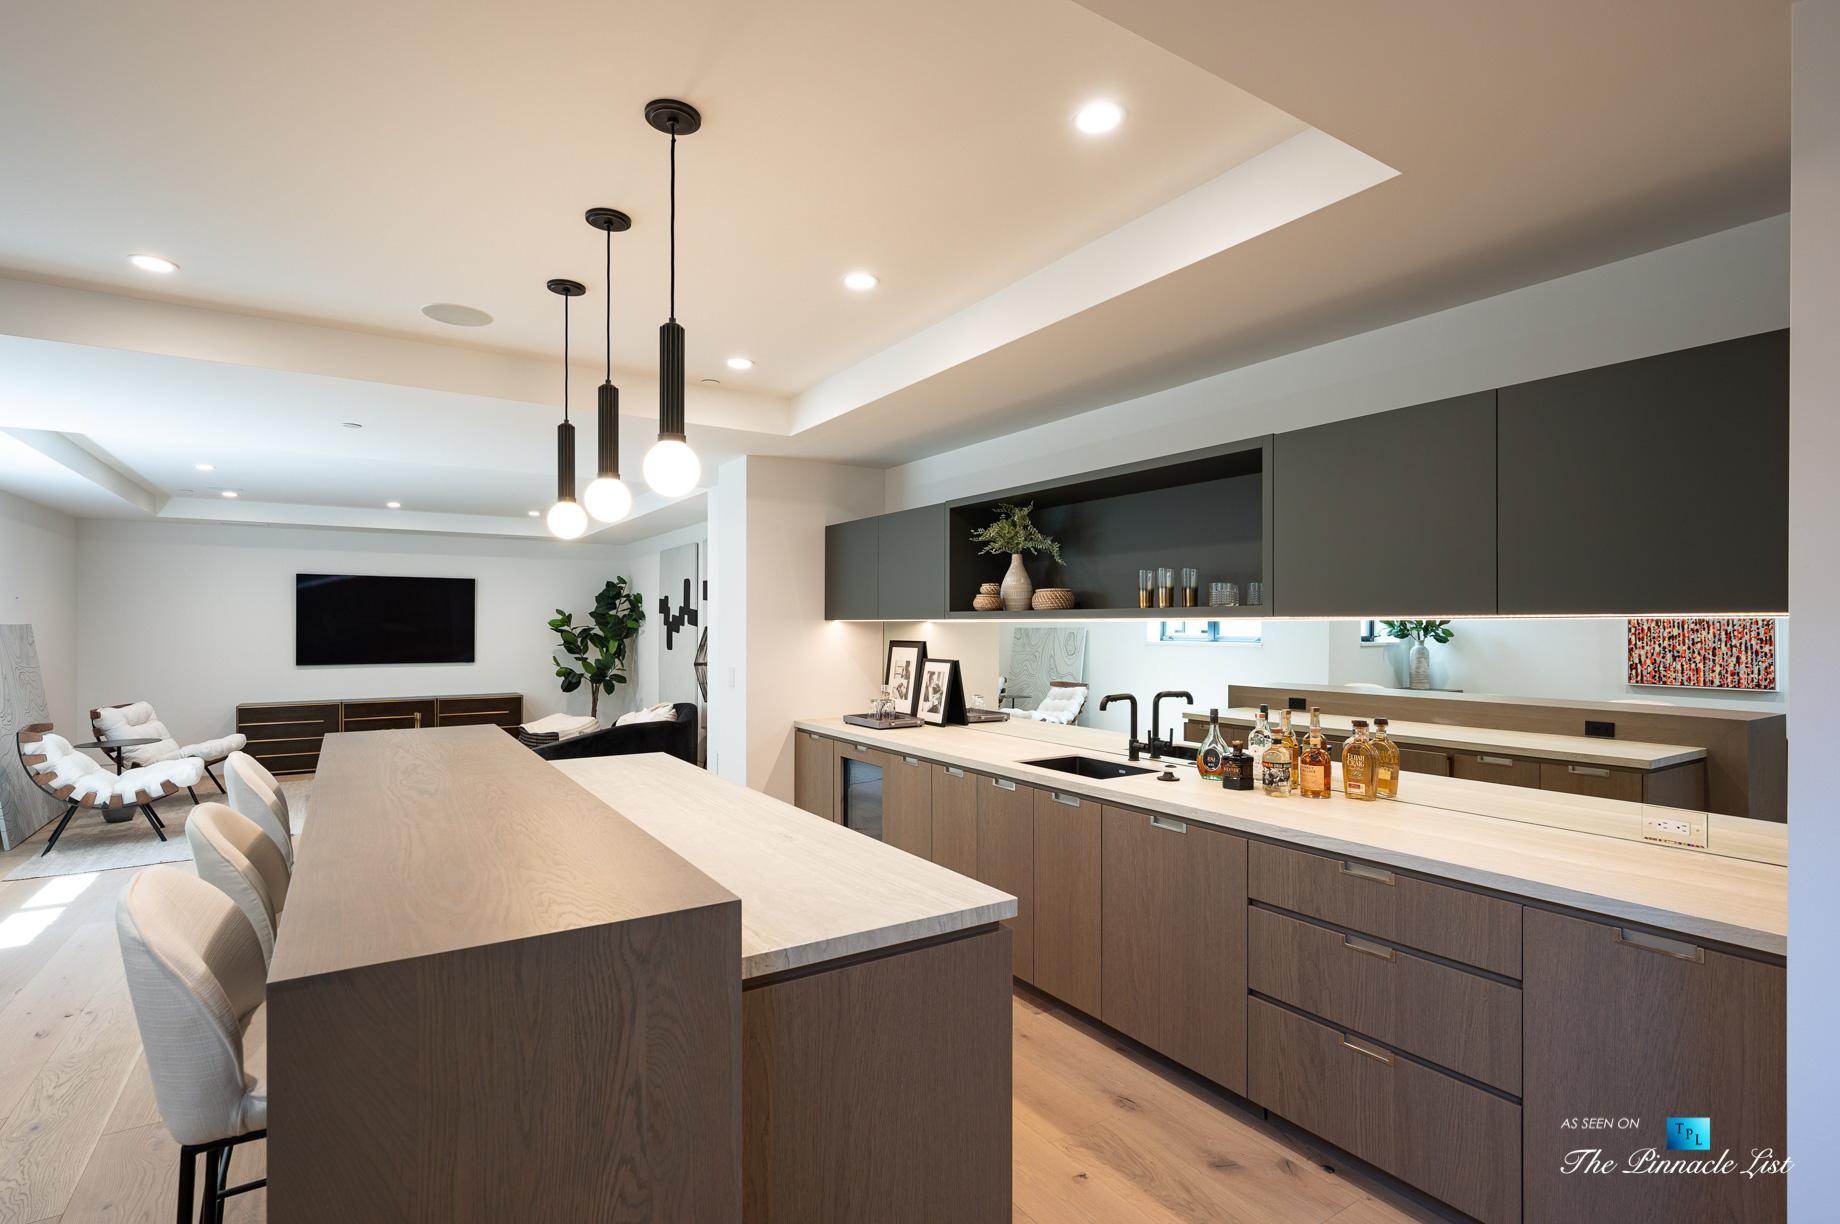 2016 Ocean Dr, Manhattan Beach, CA, USA - Bar and Recreation Room - Luxury Real Estate - Modern Ocean View Home